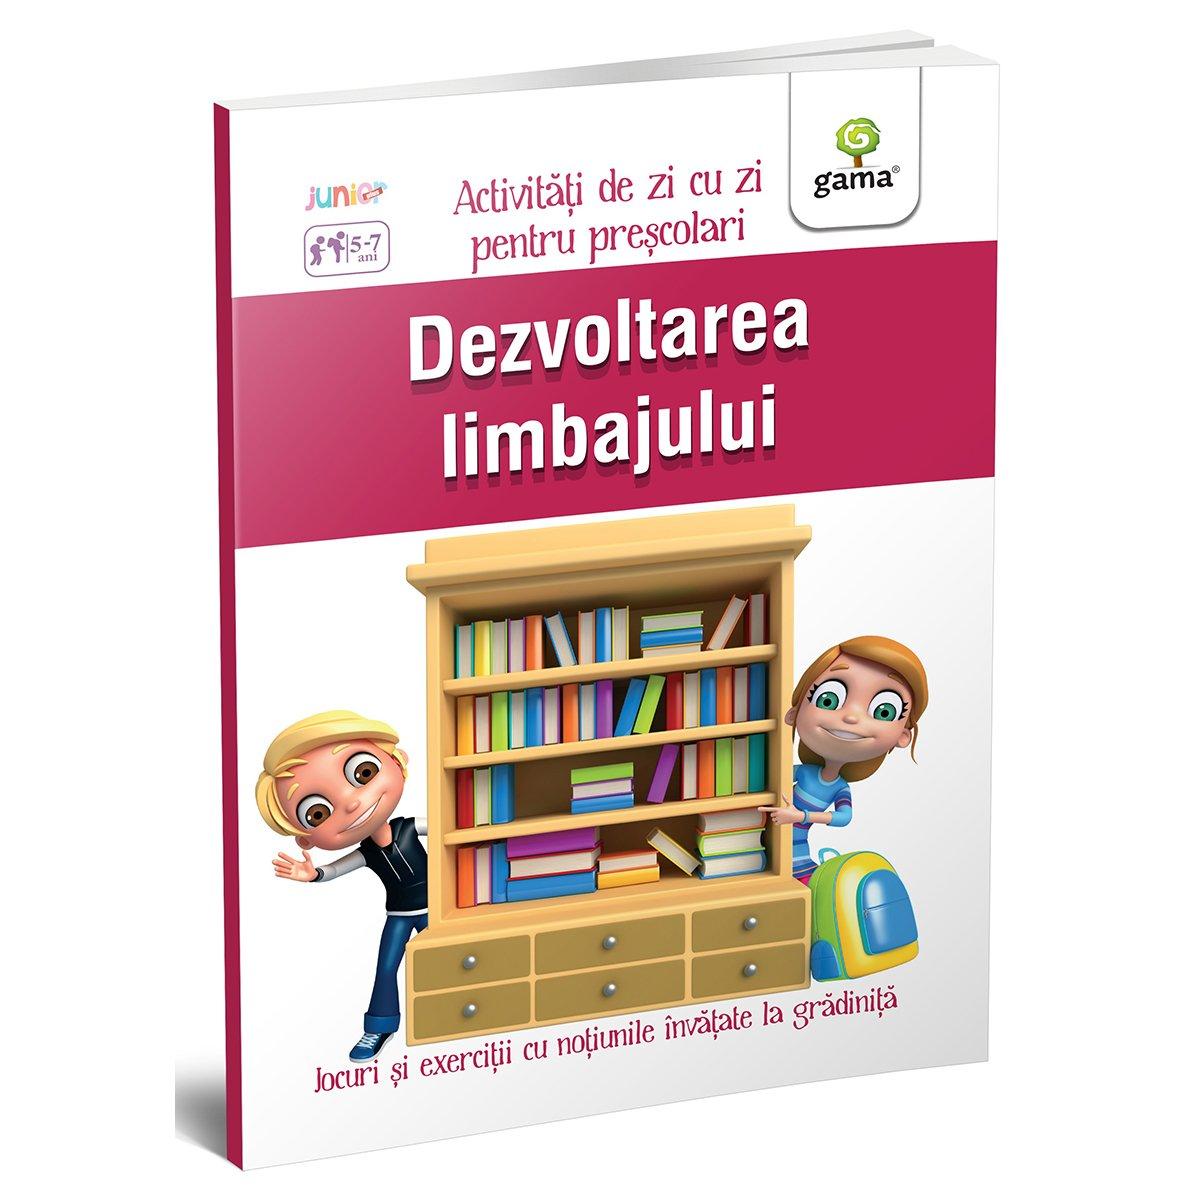 Carte Editura Gama, Dezvoltarea limbajului 5-7 ani, Activitati de zi cu zi